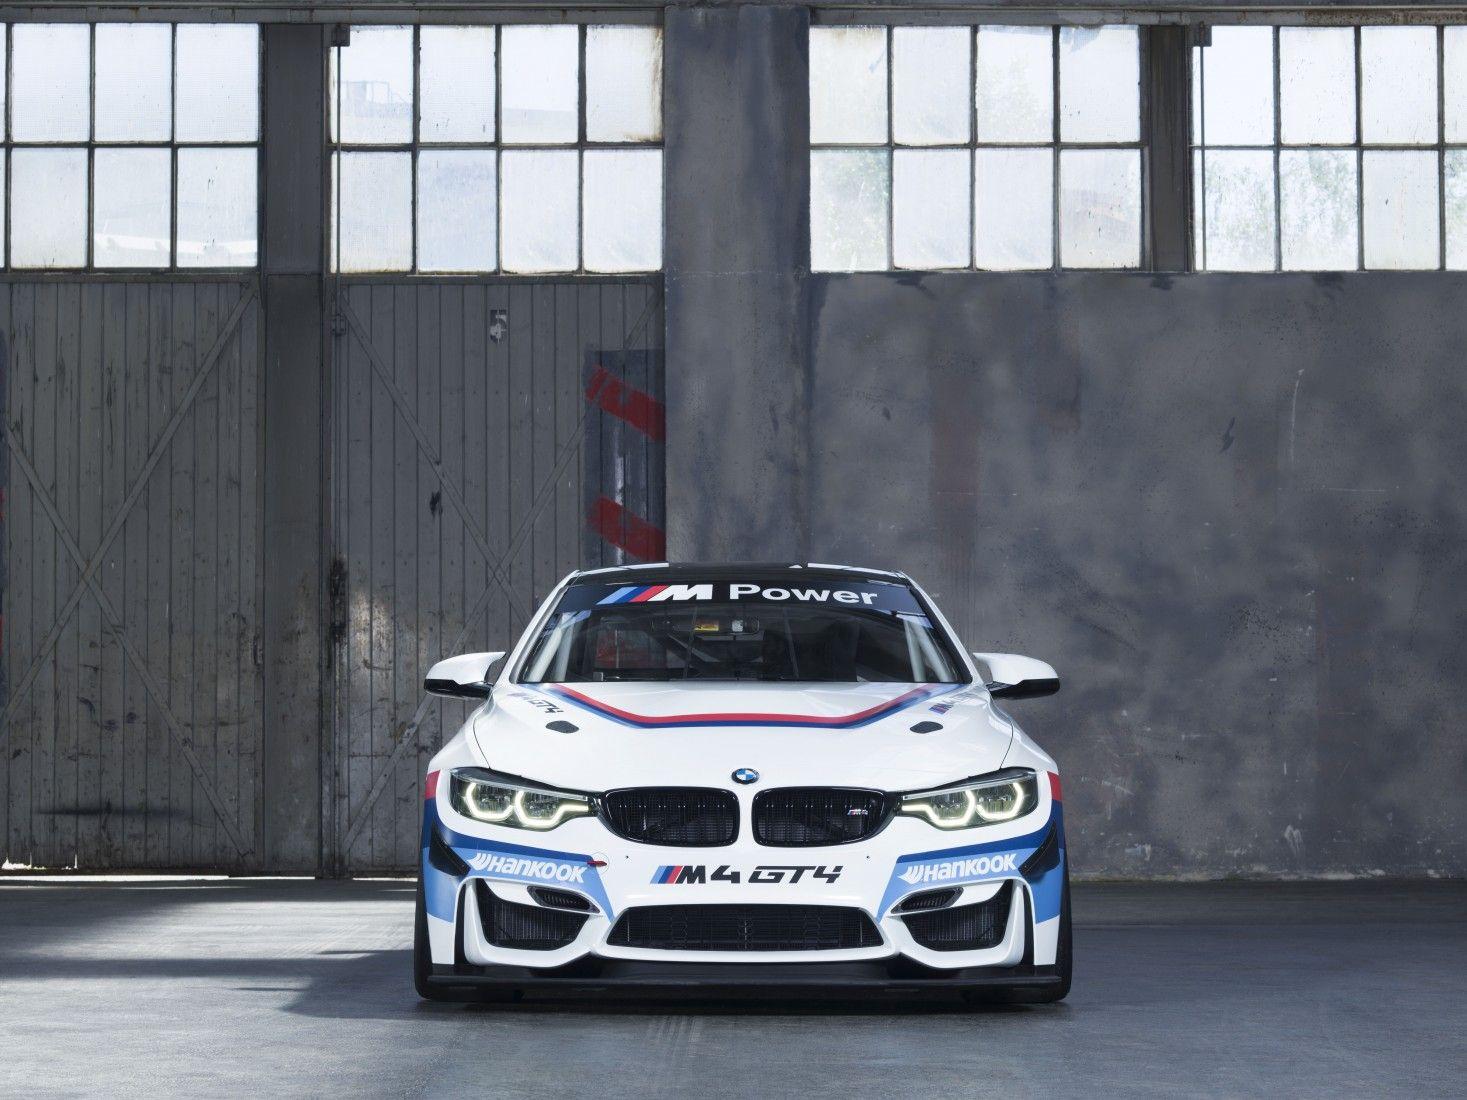 BMW M4 GT4 im Rahmen des N24h präsentiert | Bmw m4, BMW and Rally